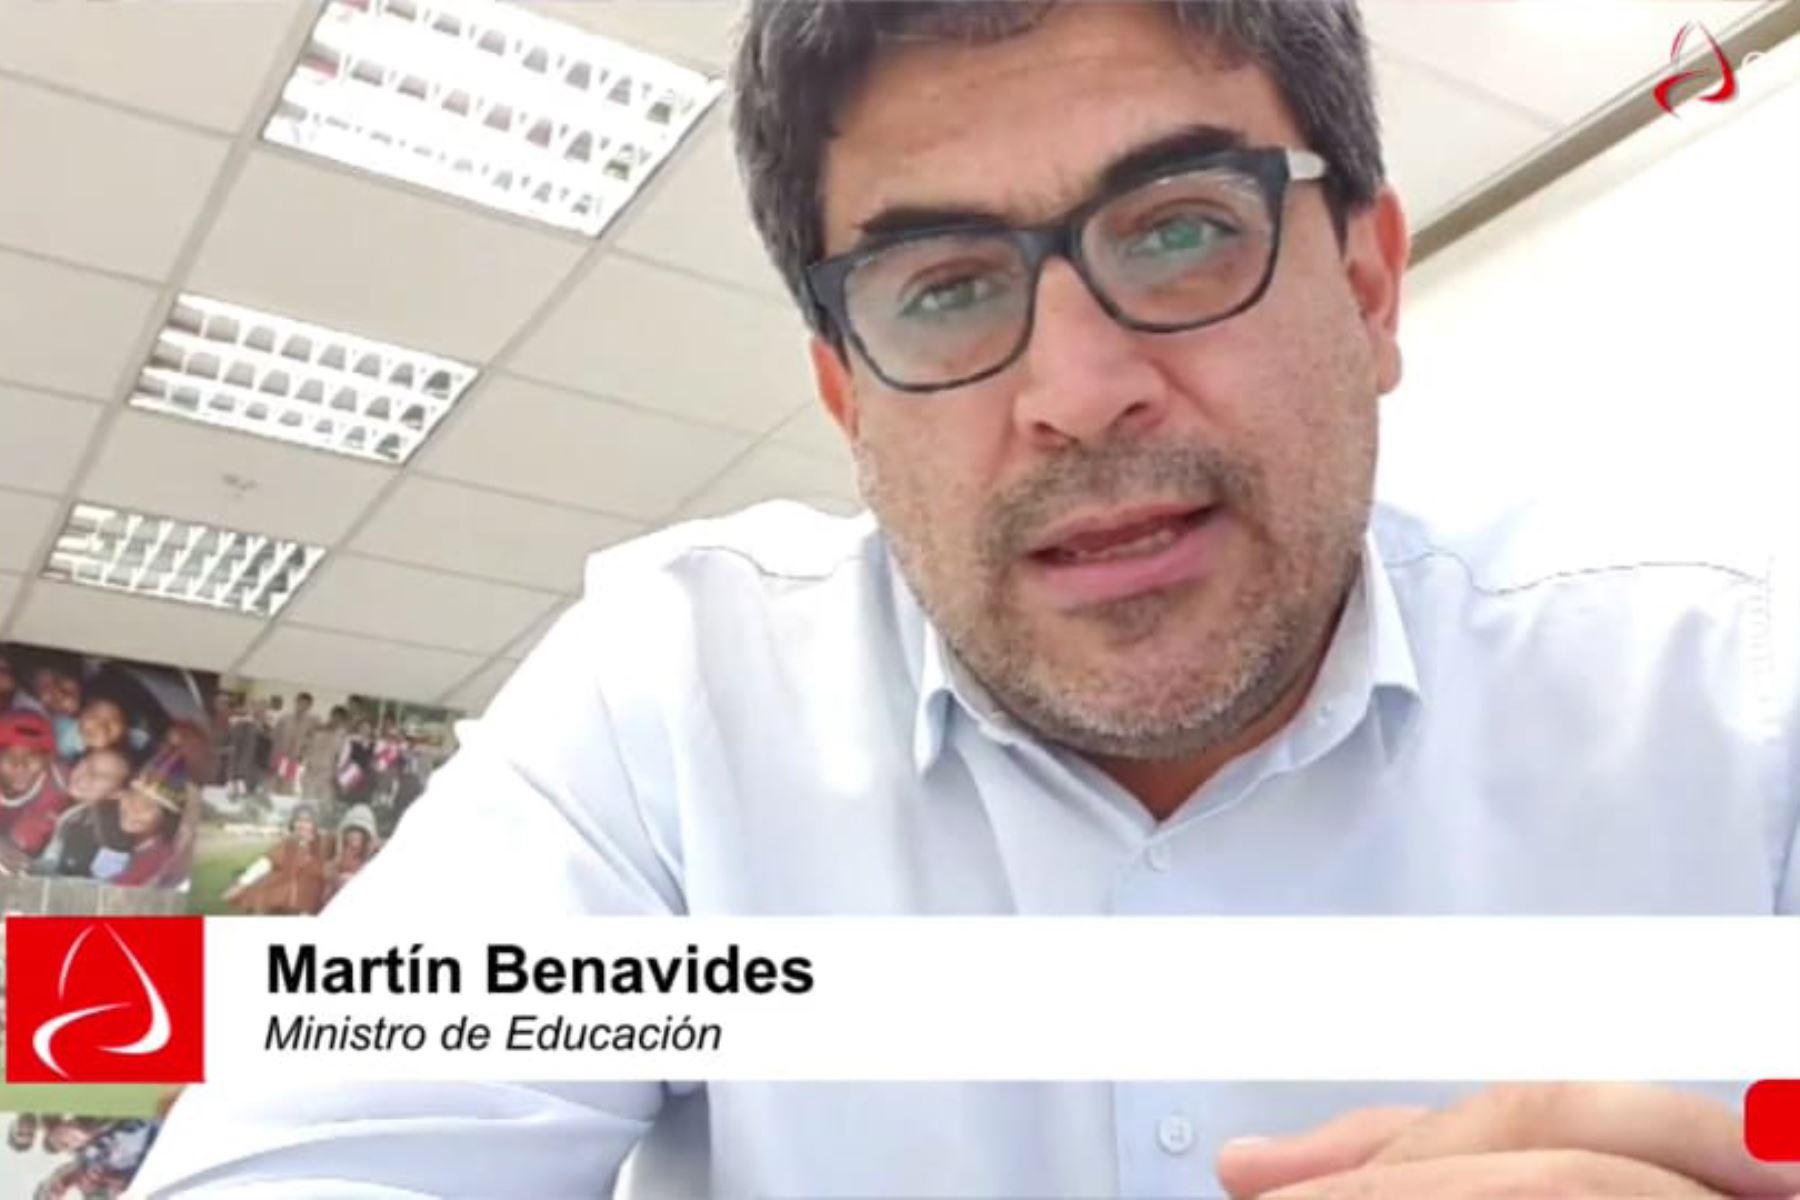 El ministro de Educación, Martín Benavides, informó que su sector está convocando a diferentes actores de la sociedad civil. Foto: ANDINA/Archivo